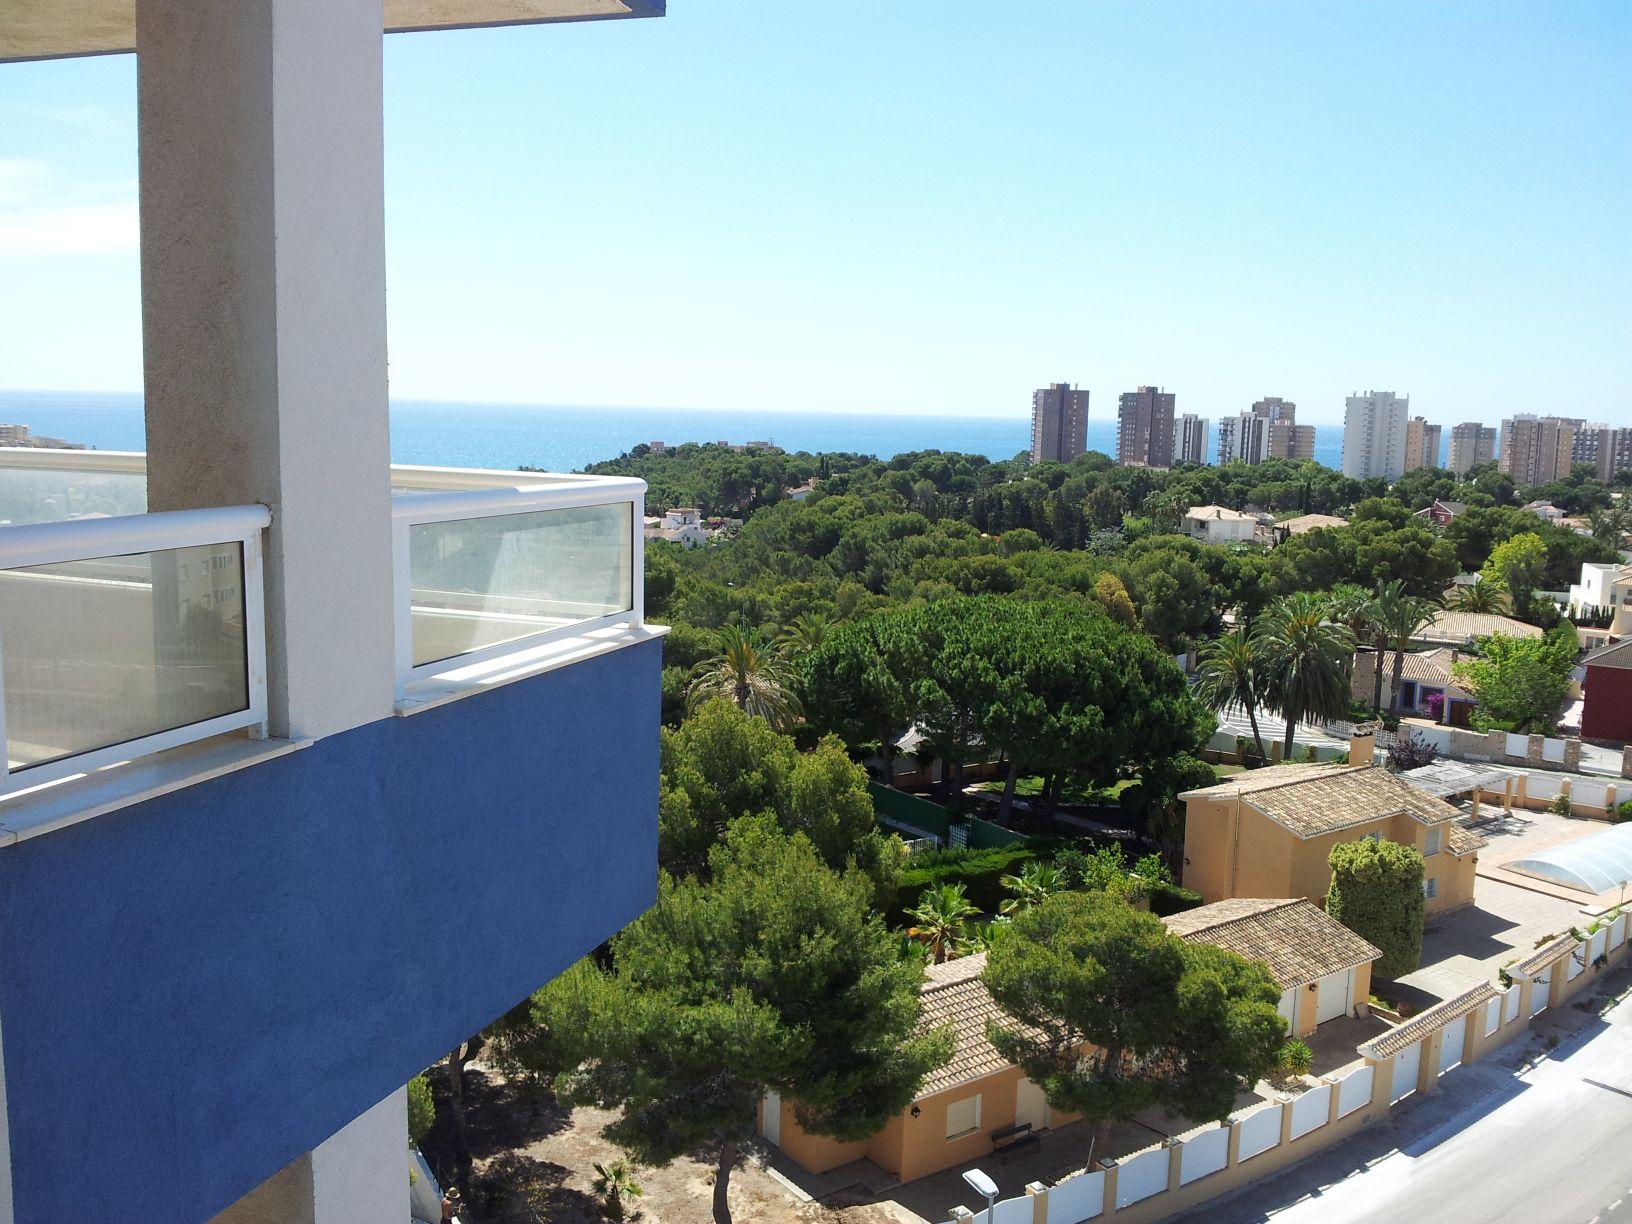 Апартаменты в Аликанте - Коста Бланка, площадь 115 м², 3 спальни